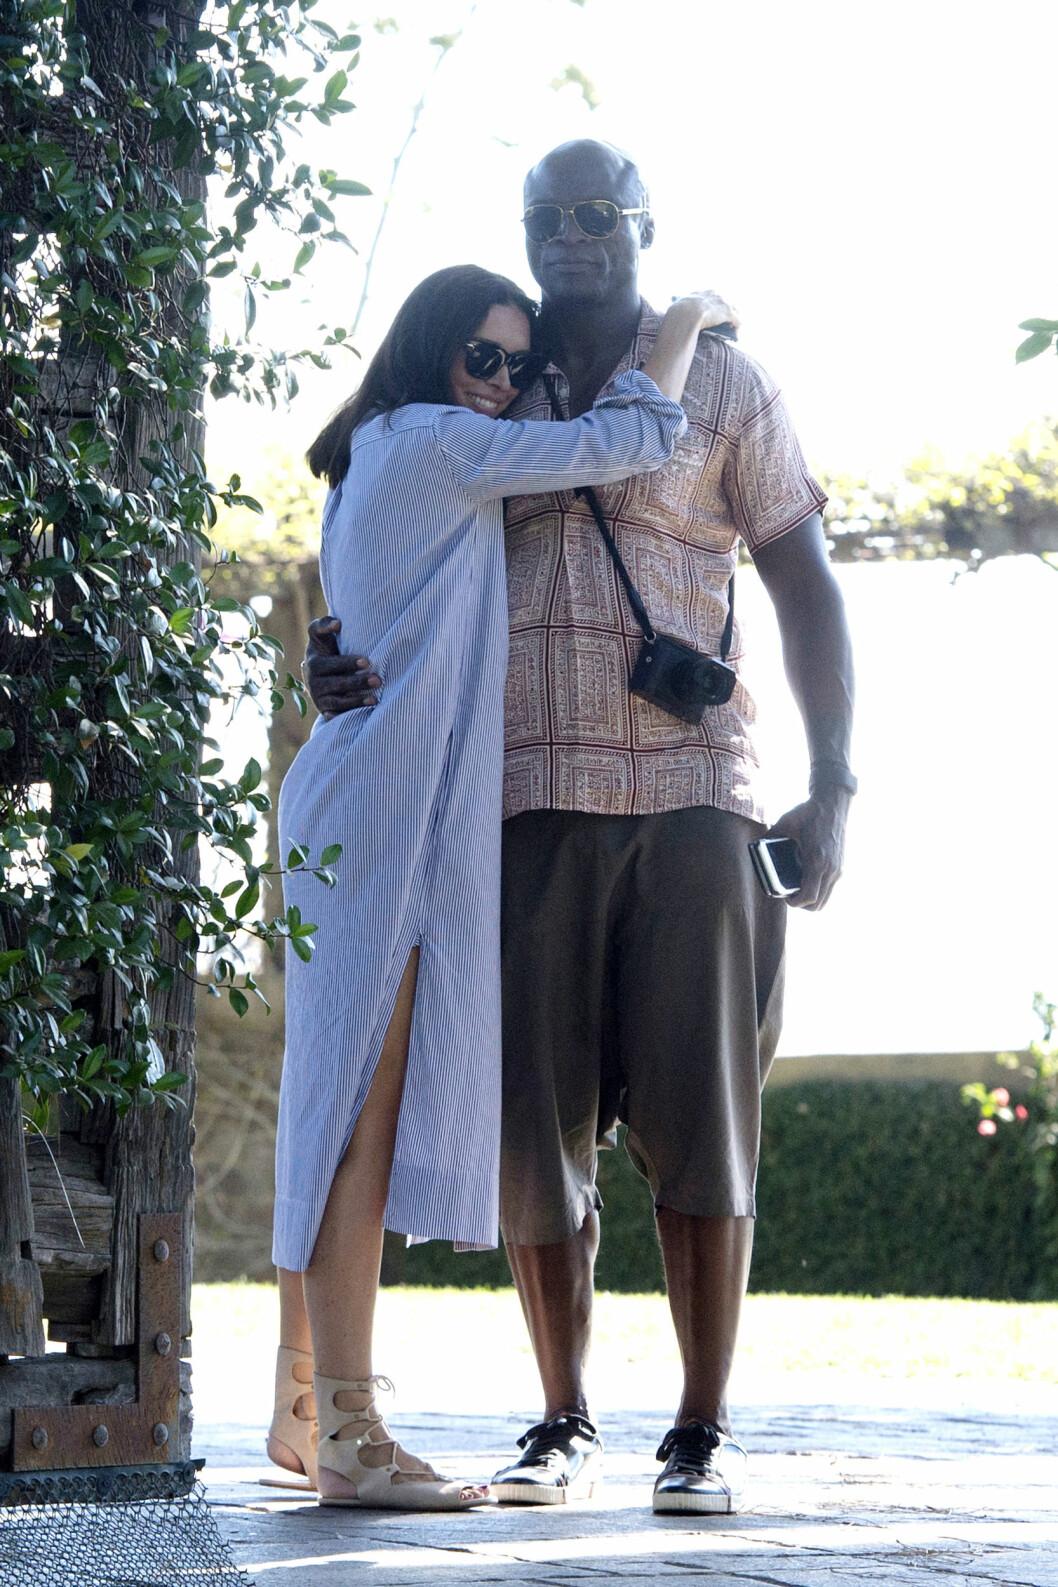 FORELSKET IGJEN: De siste månedene har Seal vært kjæreste med Erica Packer.  Foto: Xposure